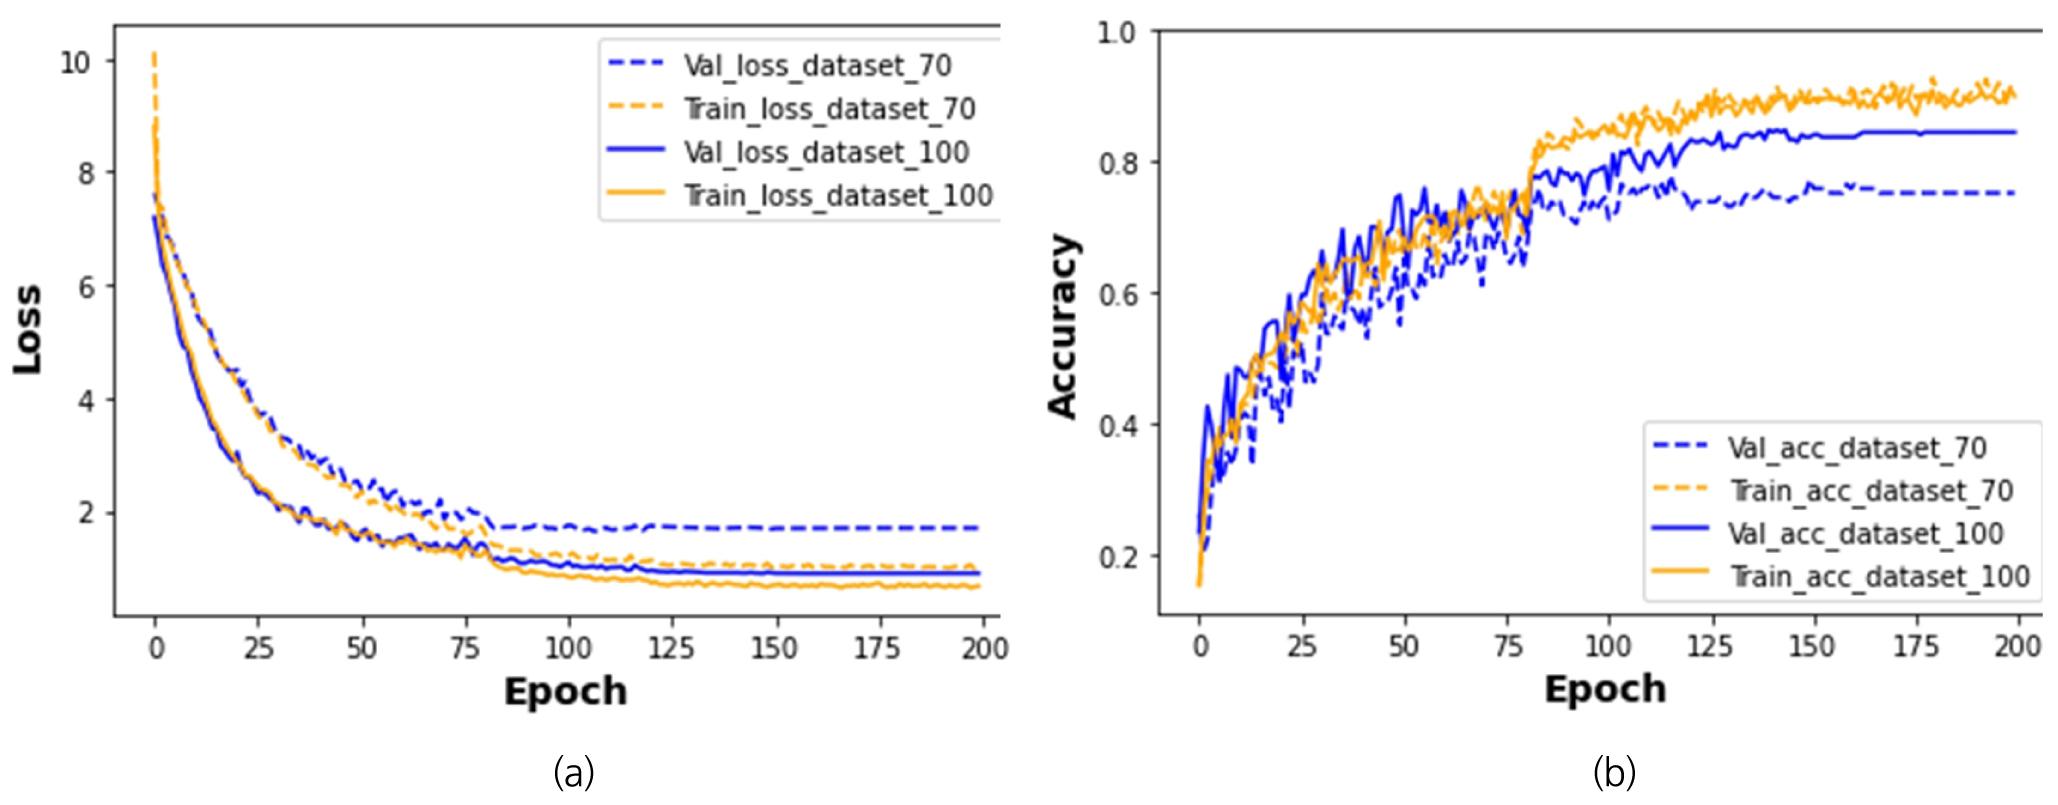 http://static.apub.kr/journalsite/sites/ksrm/2020-030-05/N0120300503/images/ksrm_30_05_03_F5.jpg